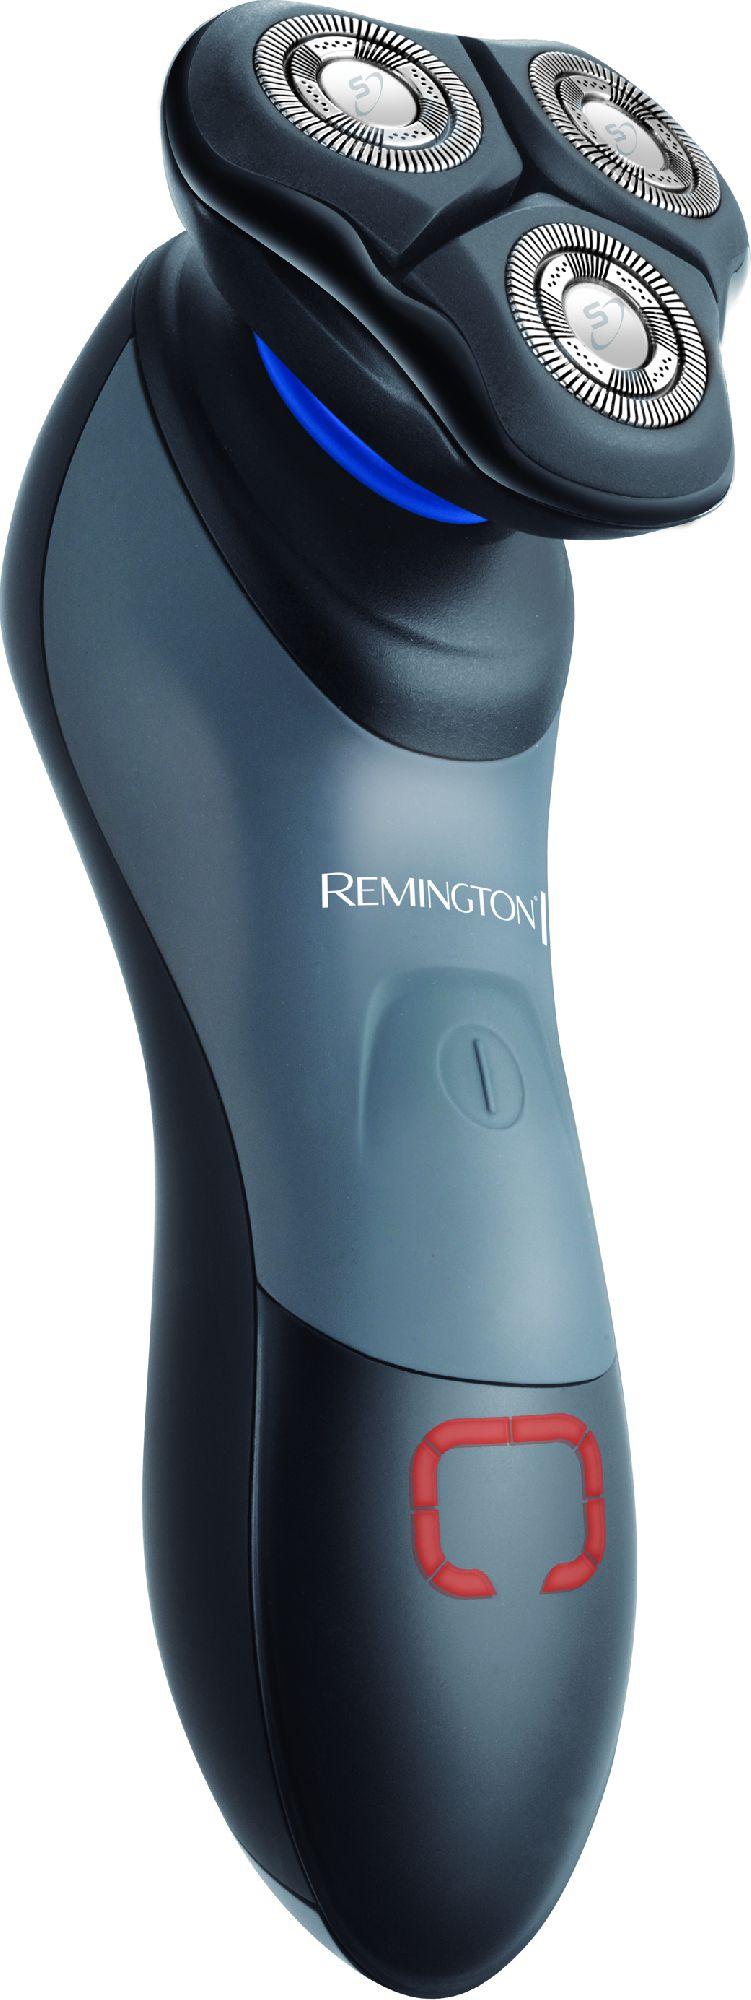 Golarka Remington  Rotacyjna Hyperflex Plus XR1350